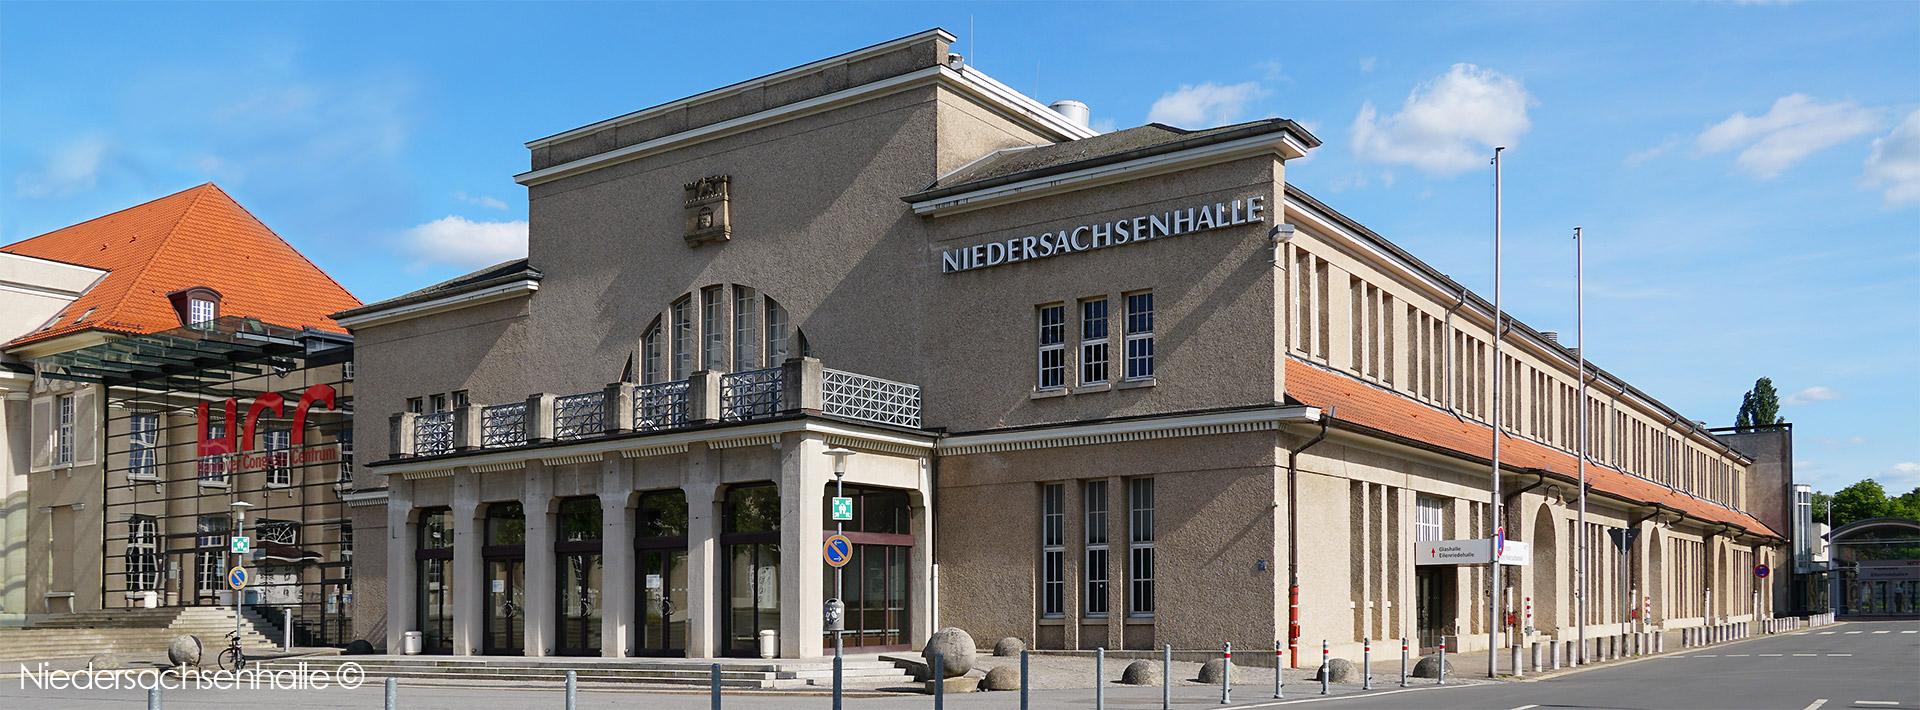 Niedersachsenhalle